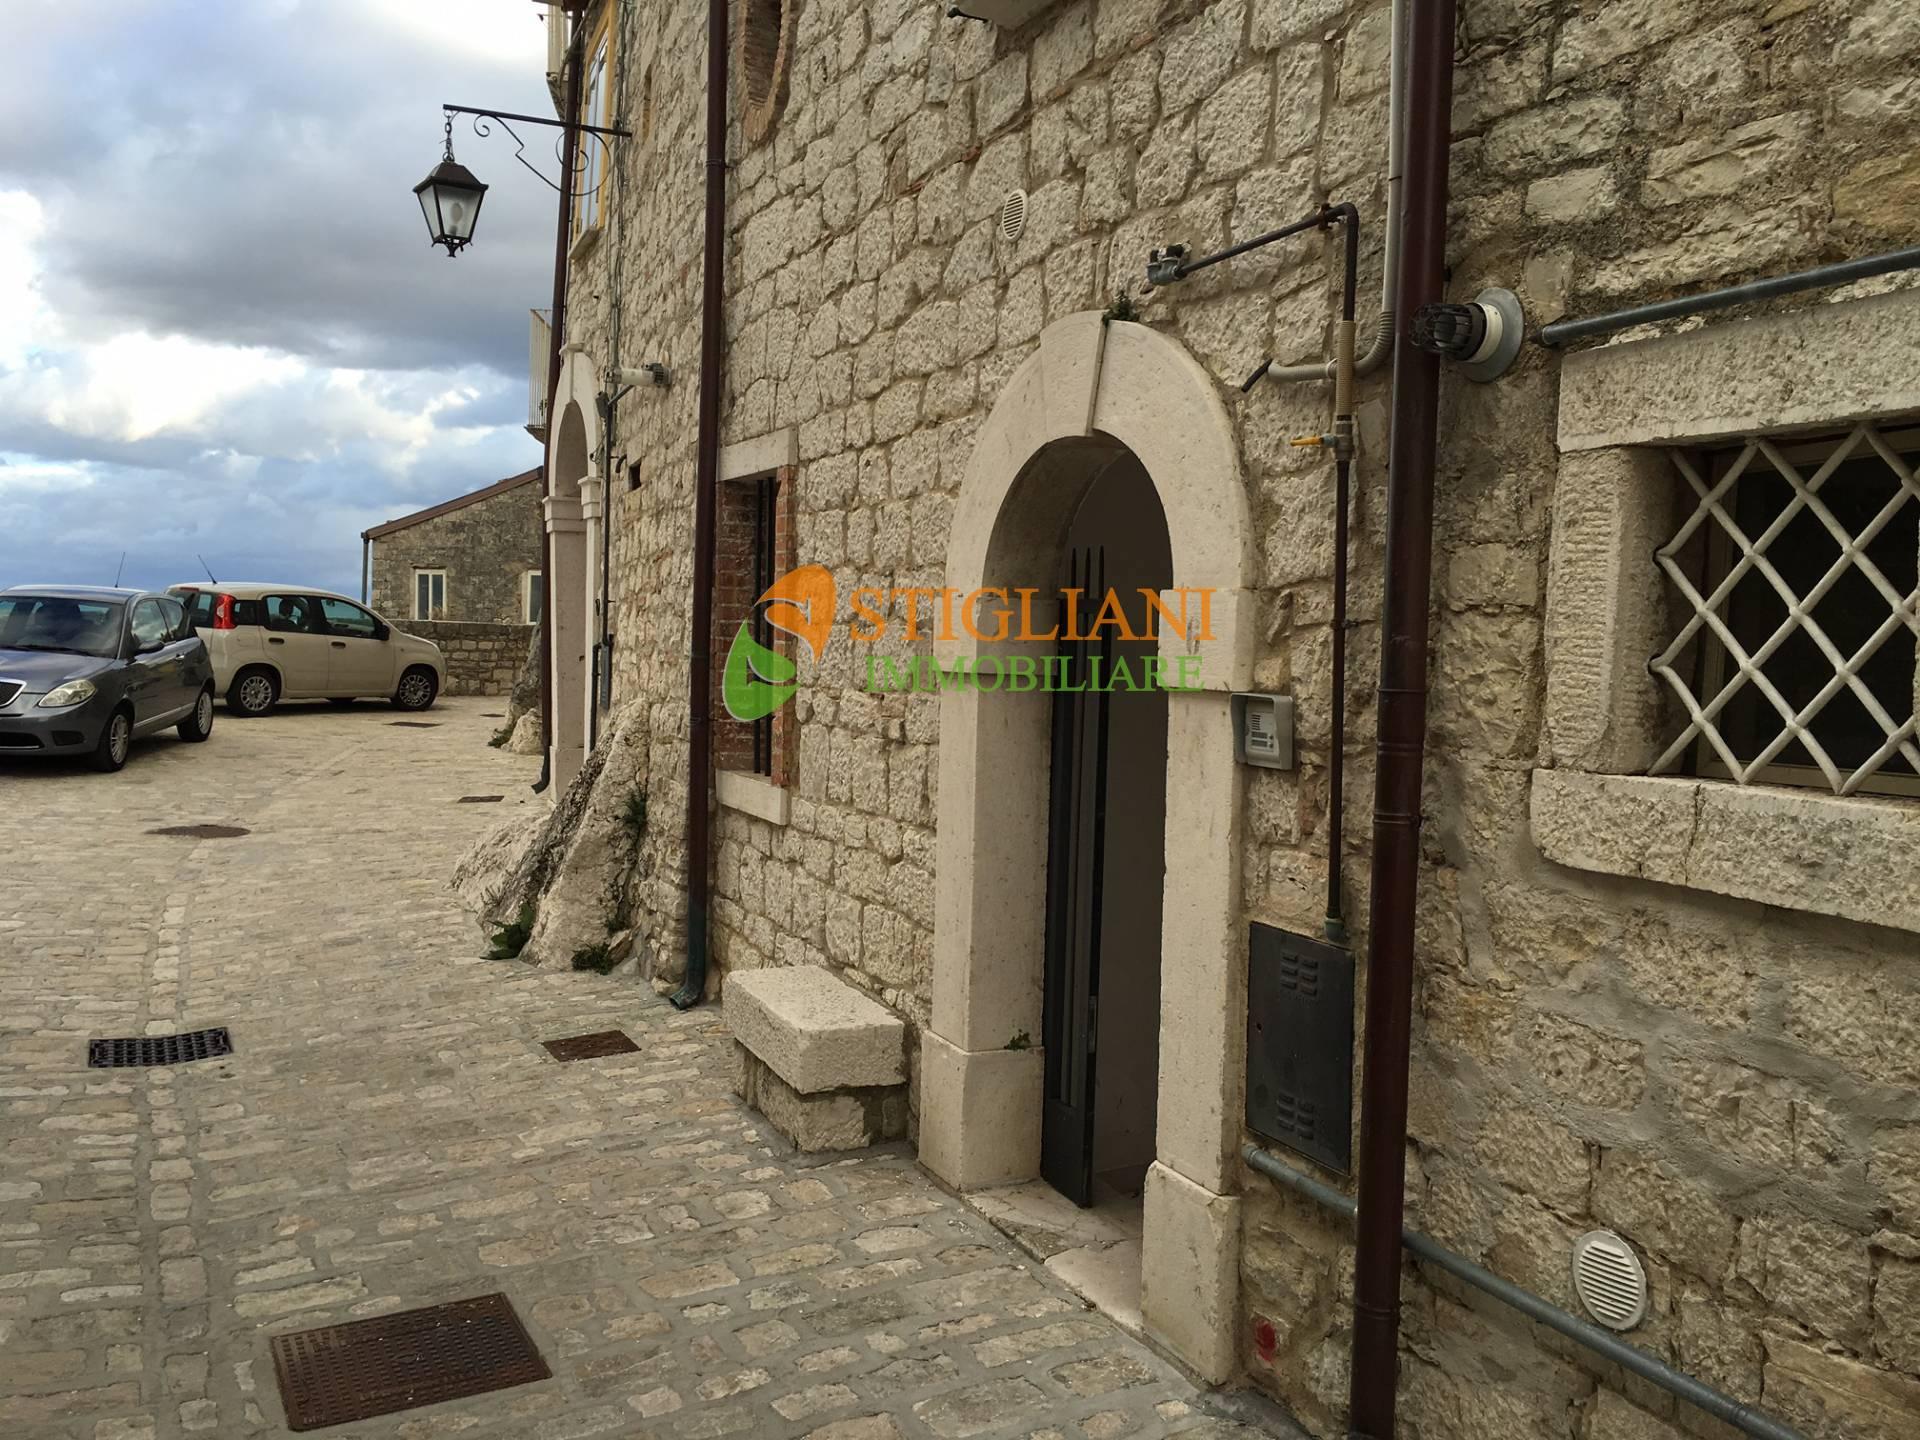 Soluzione Indipendente in vendita a Ferrazzano, 4 locali, zona Località: ViaMaiella, prezzo € 79.000 | CambioCasa.it